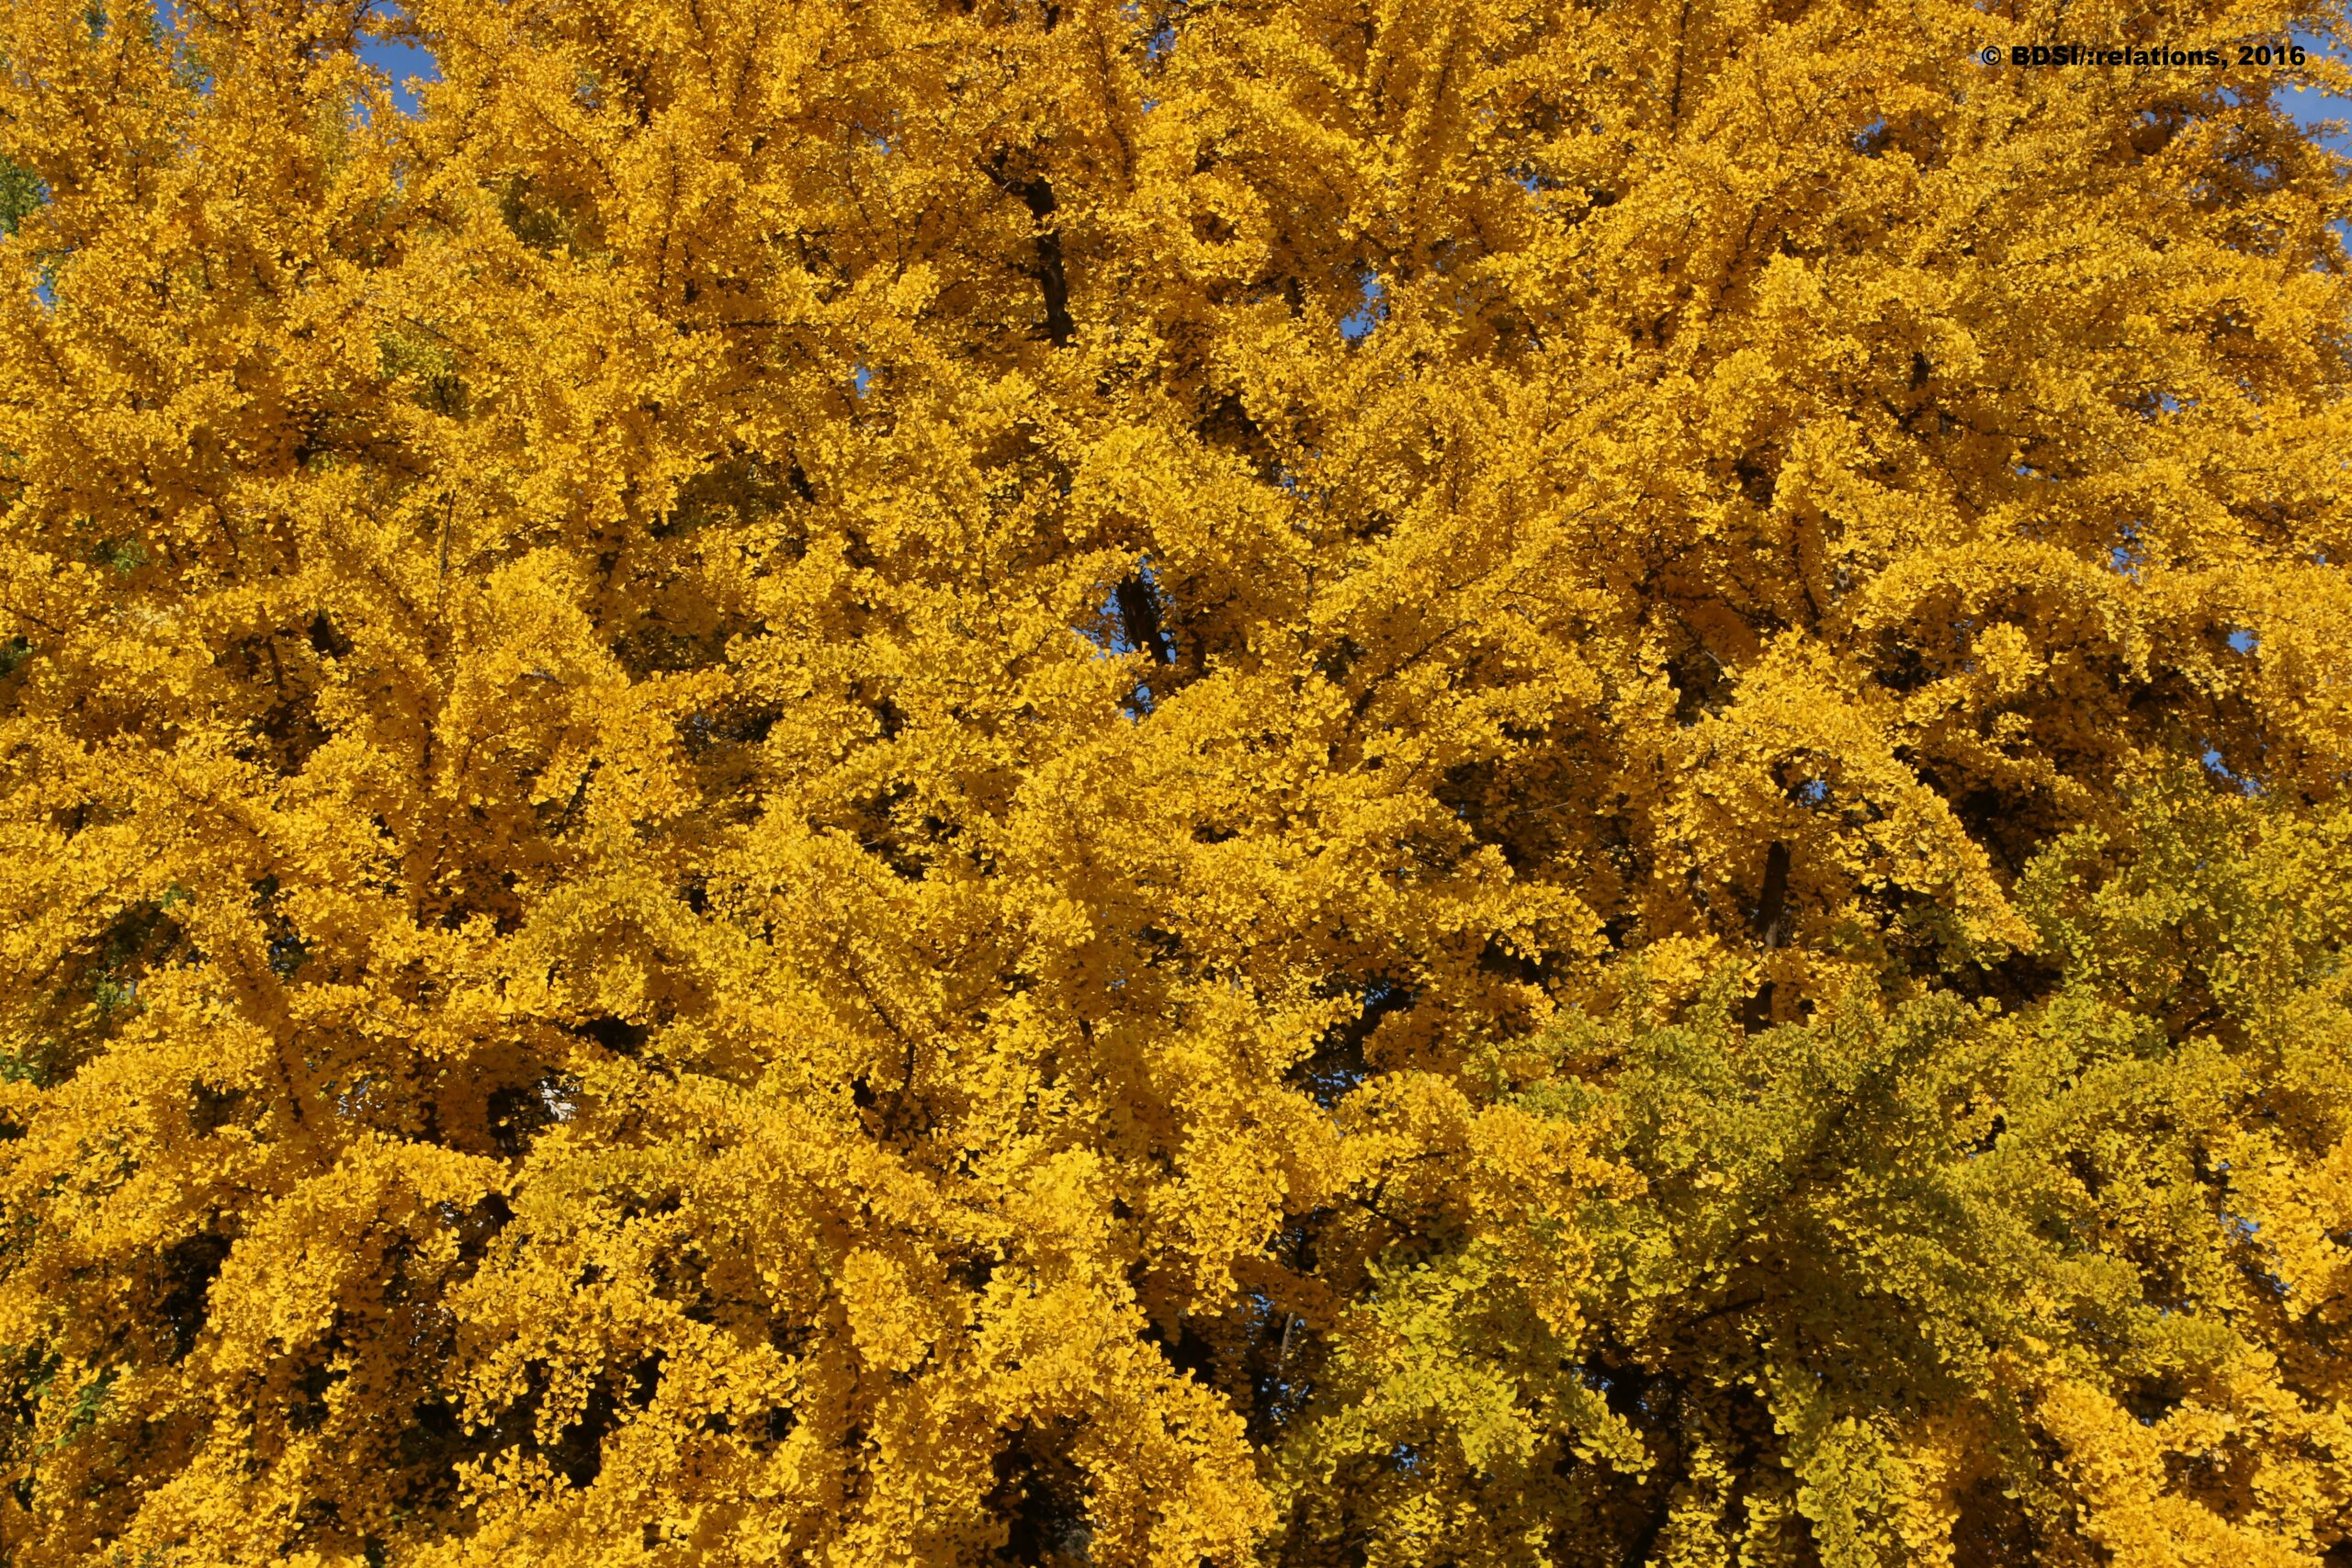 Herbstlaub in knalligen Farben